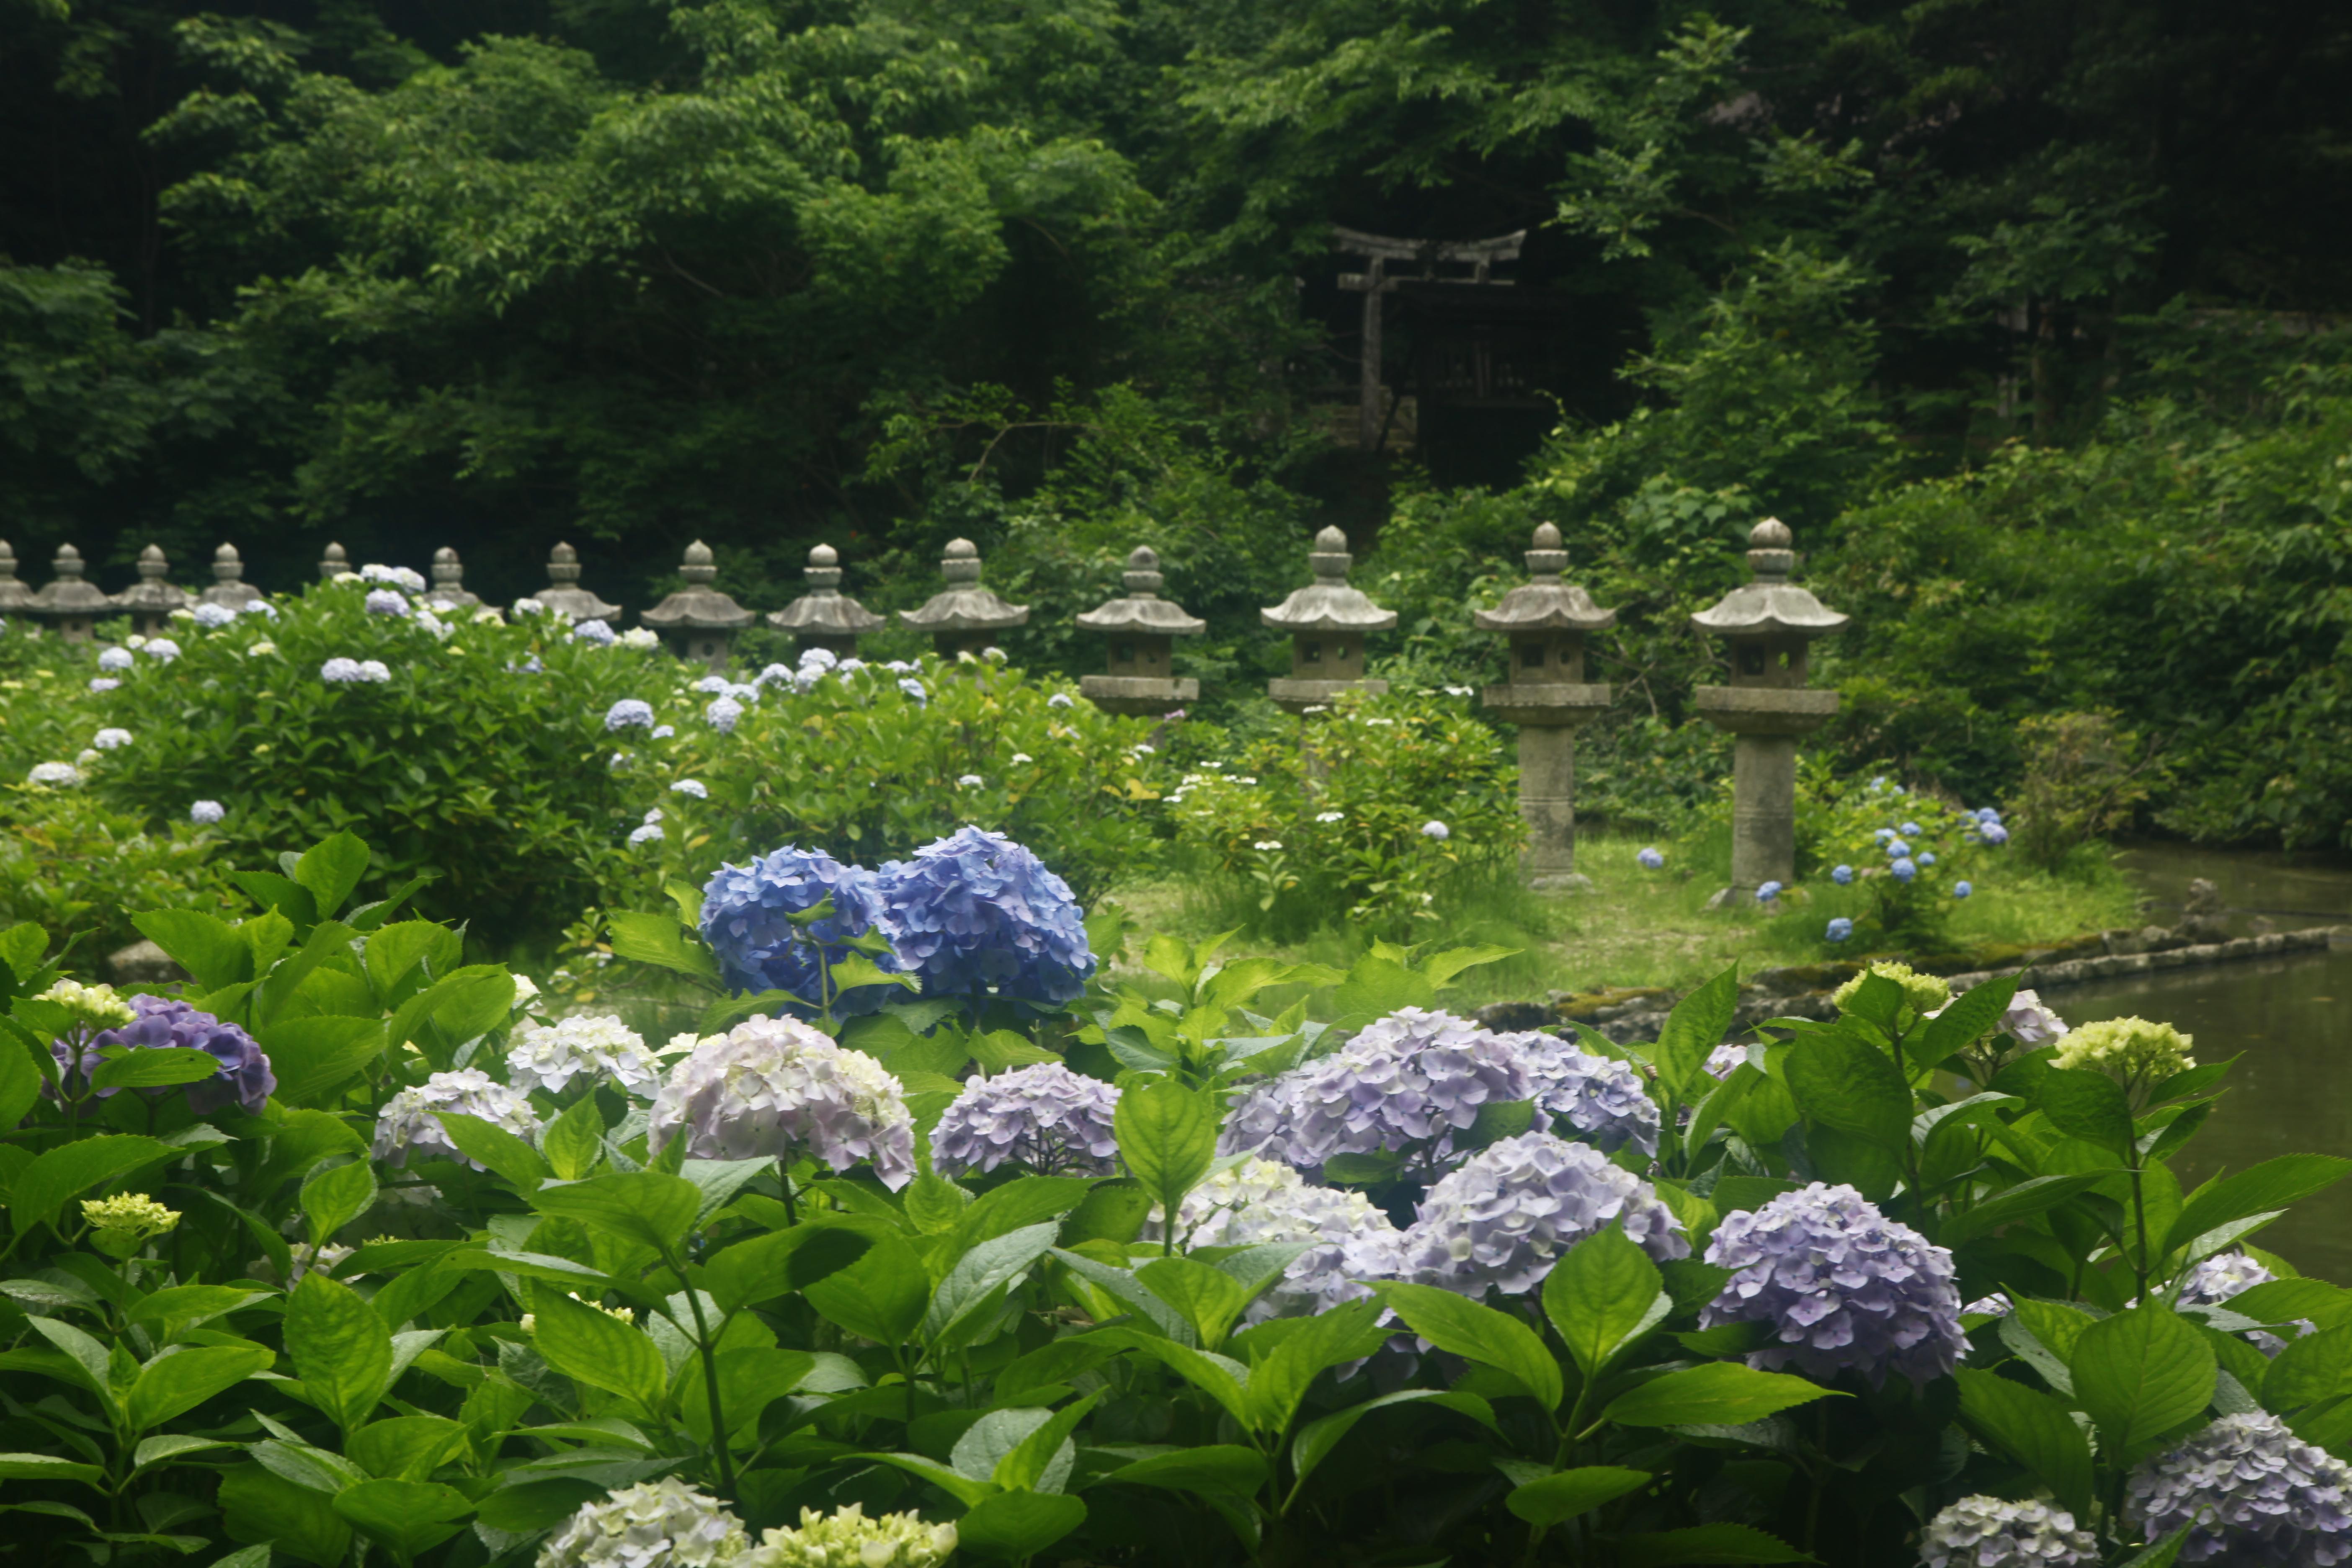 6月に咲く花 名所めぐり 紫陽花 しょうぶかきつばた ポピー 山陰